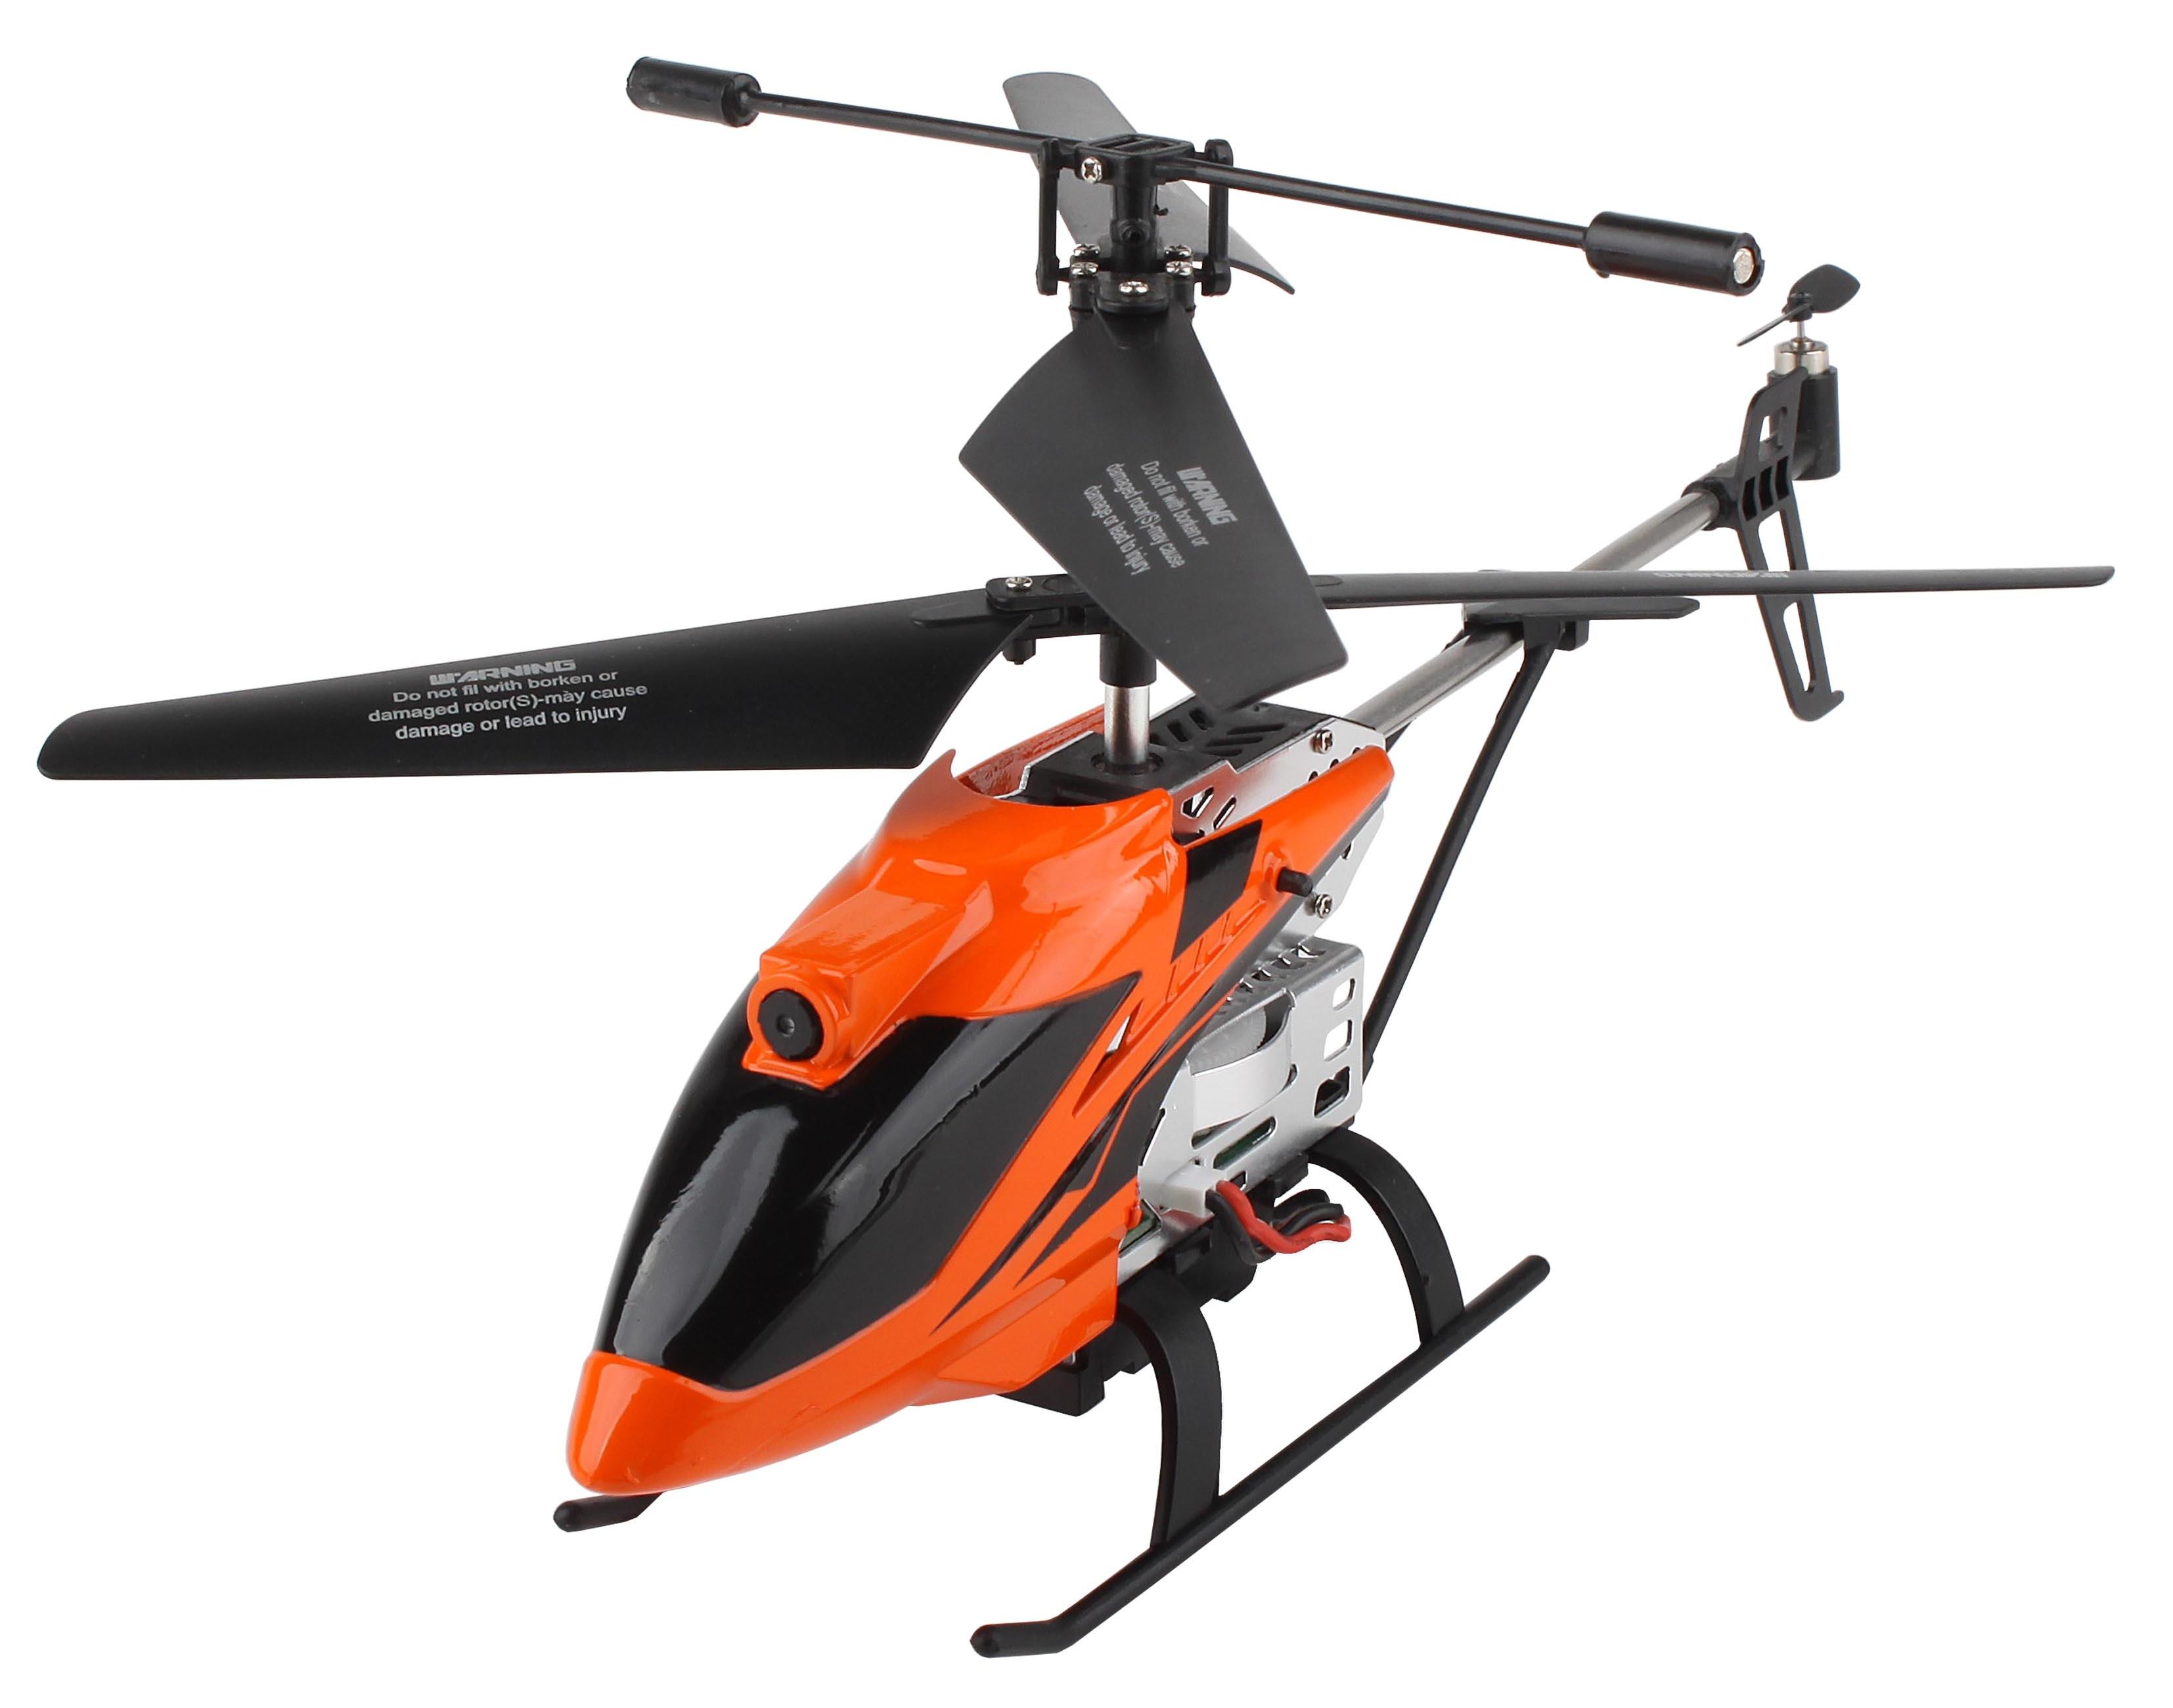 DF-100 FPV heli s barometrem, kamera, WiFi přenos obrazu, AUTO start/přistání, RTF